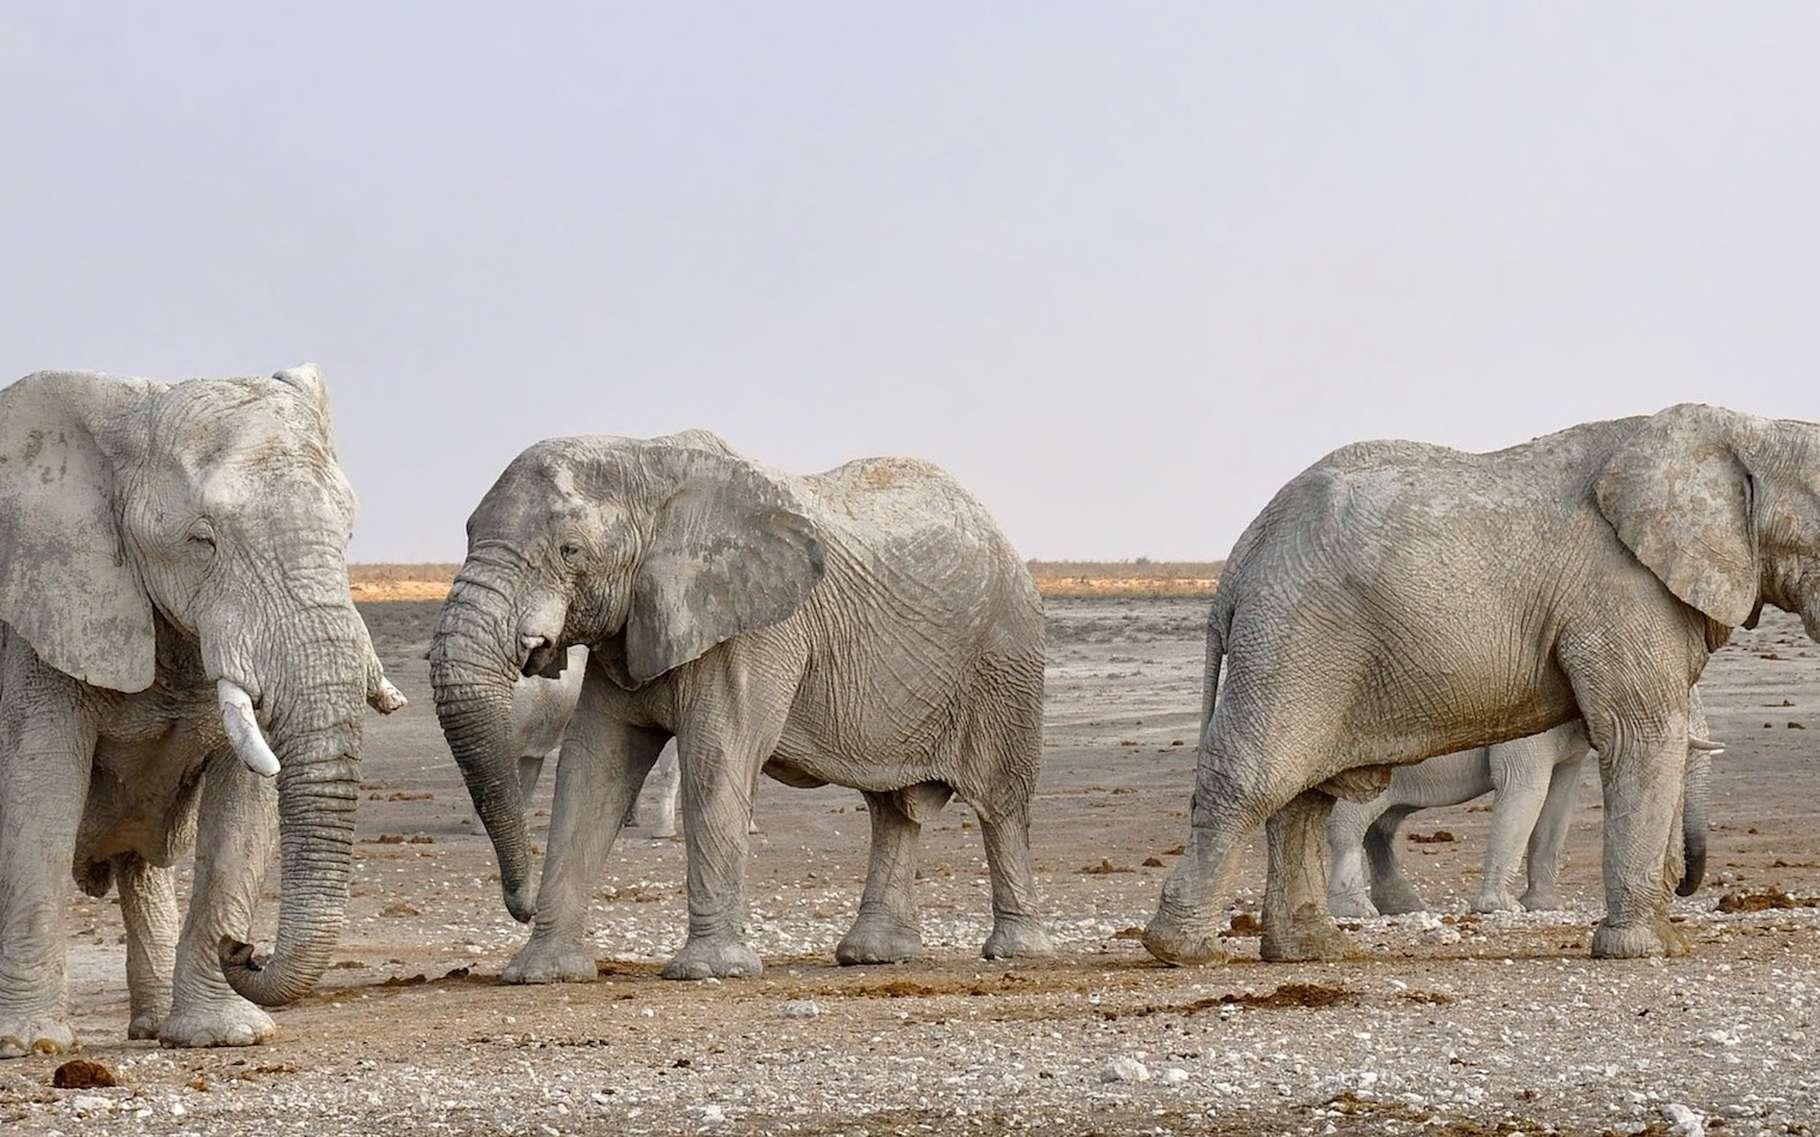 Ce qui permet de facilement différencier éléphant d'Afrique (ici en photo) et éléphant d'Asie, c'est la taille des oreilles, plus importantes pour les premiers. © kolibri5, Pixabay, CC0 Public Domain